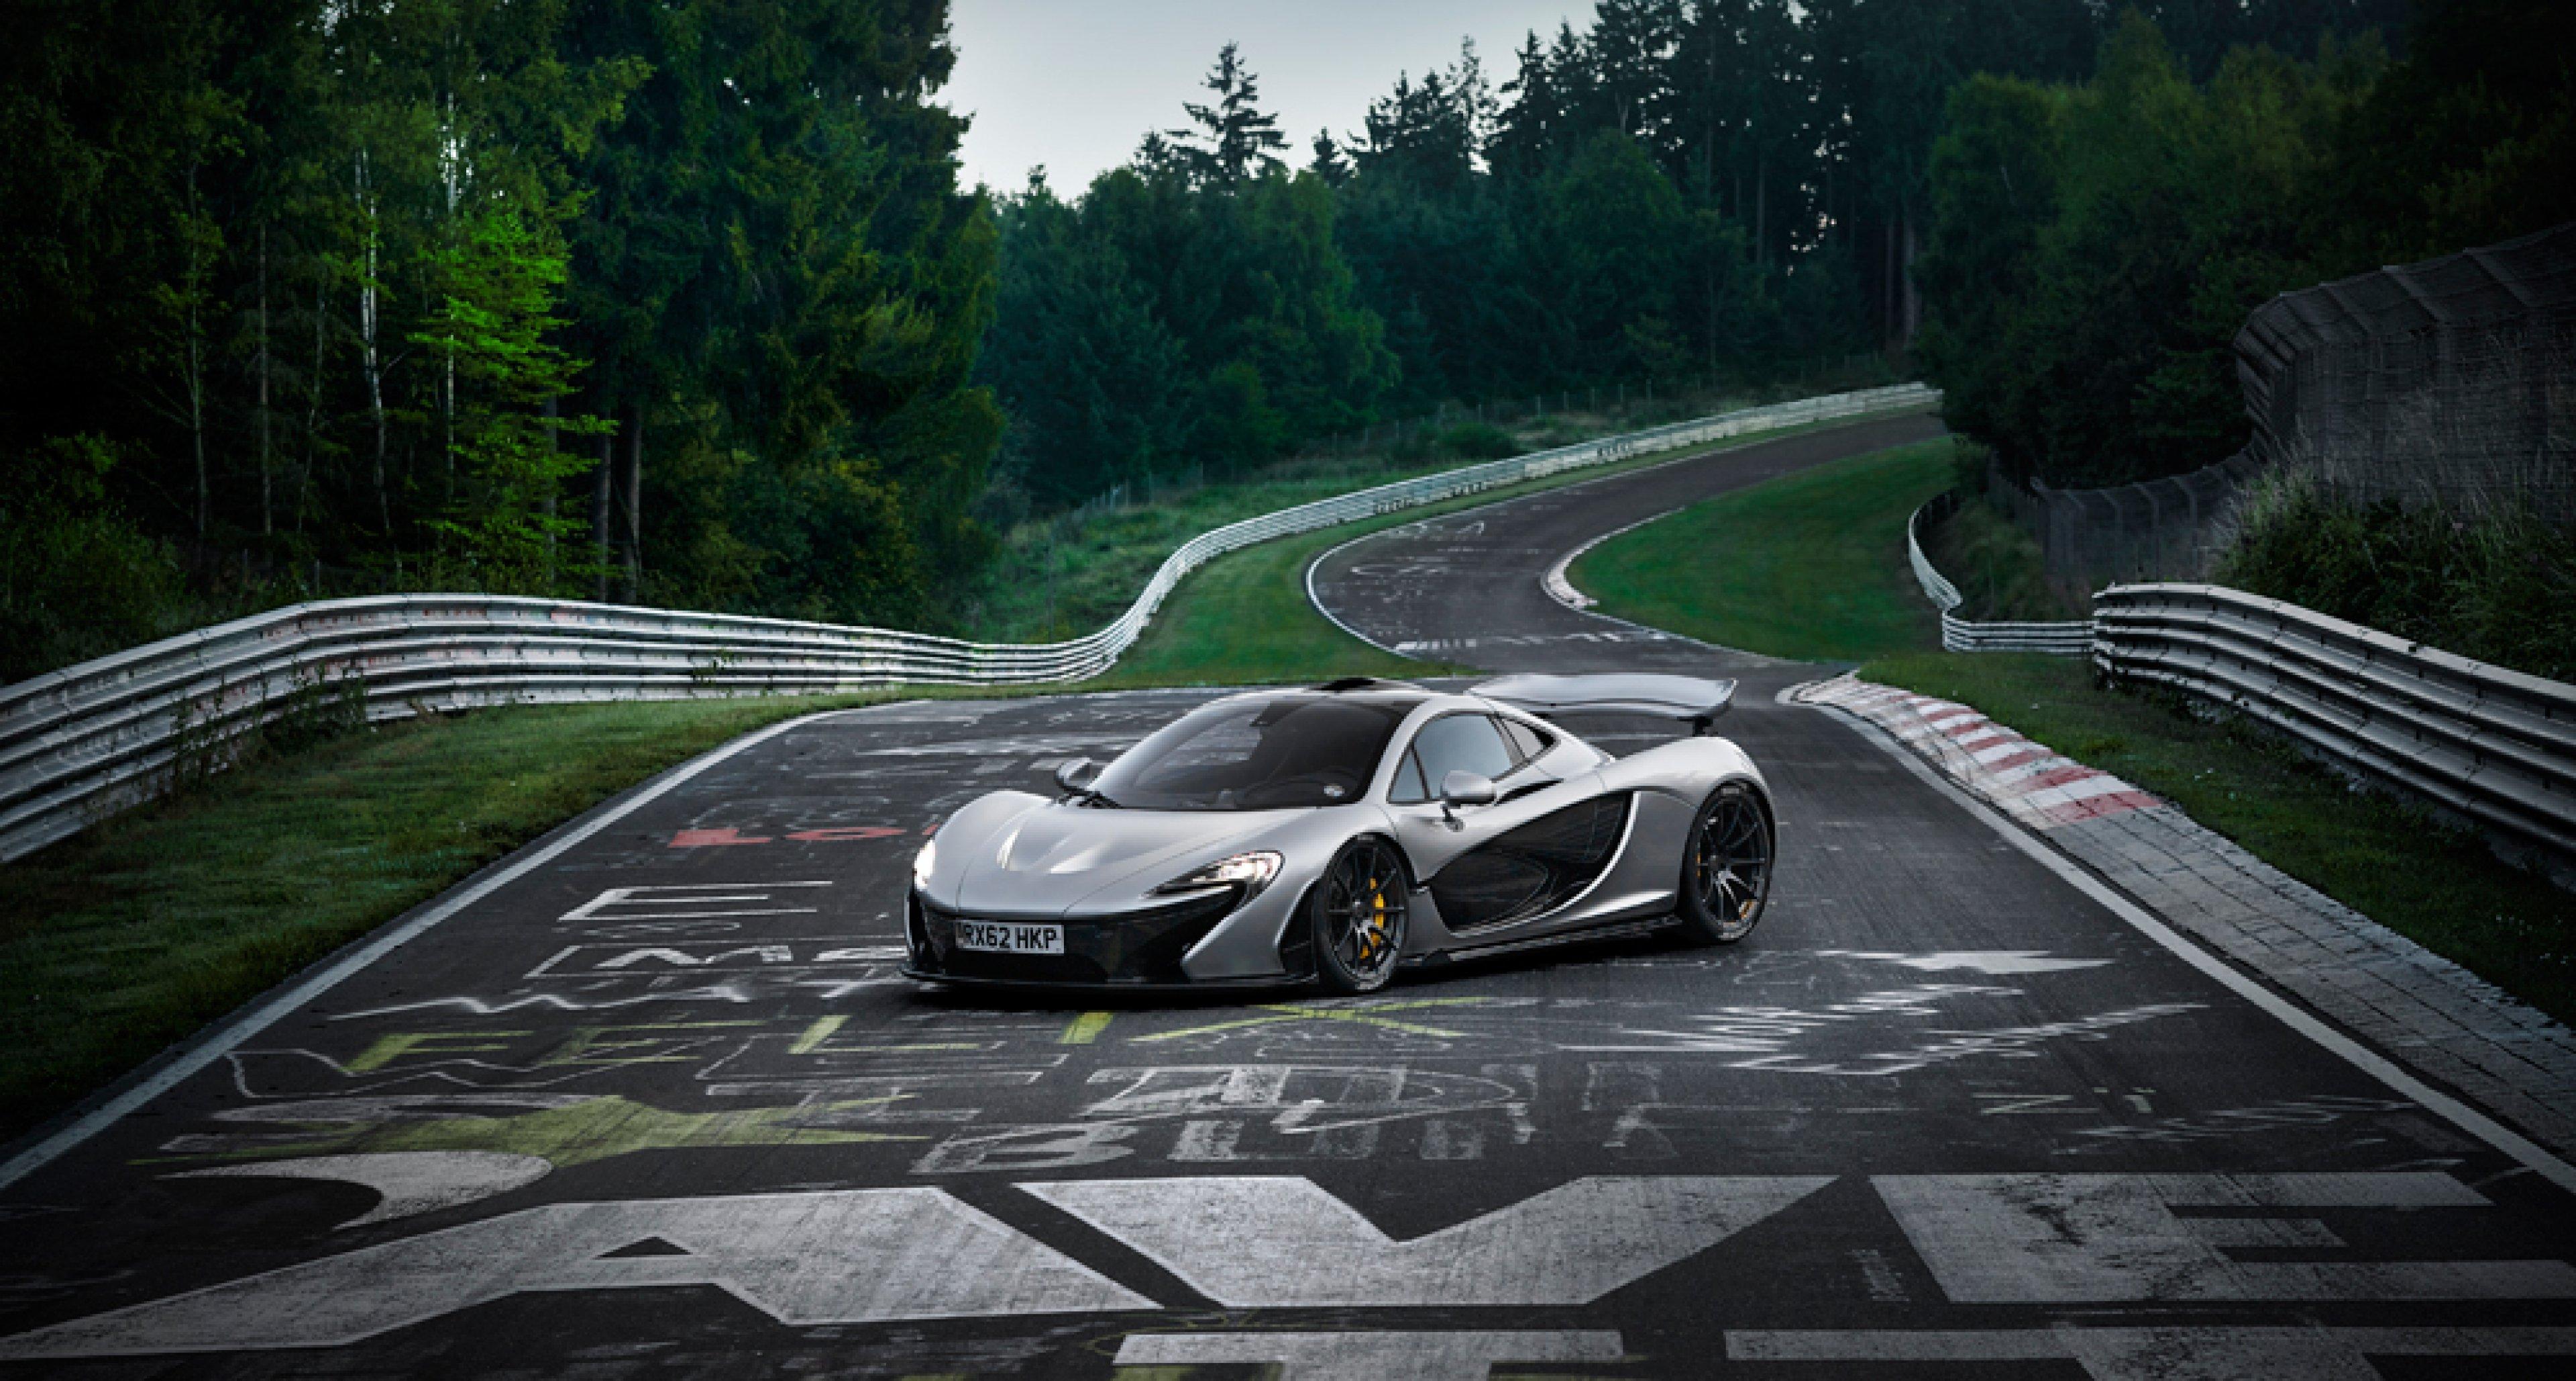 McLaren P1 at the Nürburgring.